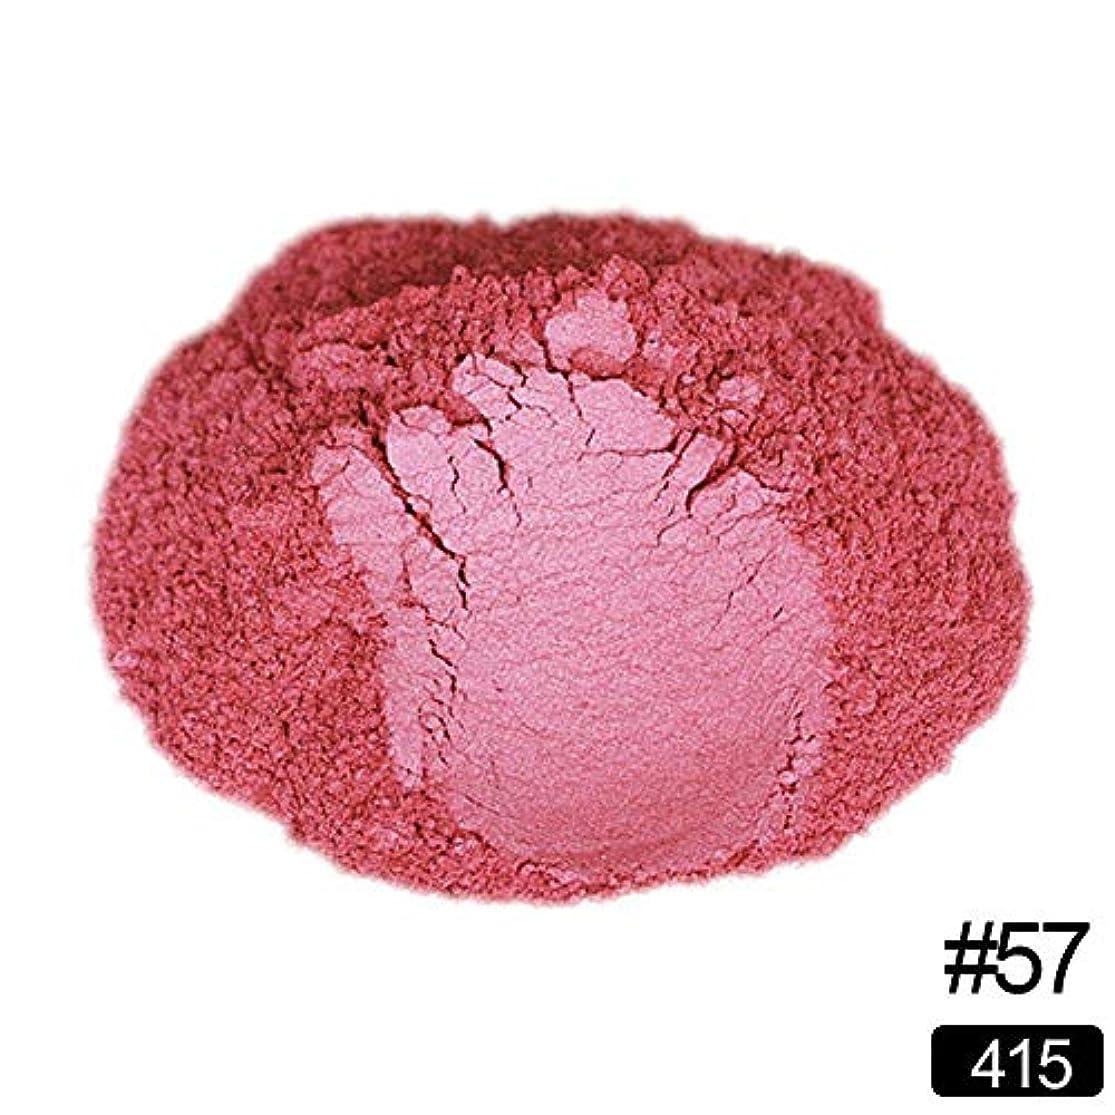 ハチエレクトロニック意味BETTER YOU (ベター ュー) 夏のアイシャドウ、口紅、フリッカー、カラフル、崩れない、ぼかしやすい、69色 目、唇、フリッカー、ハイライト (A 307)